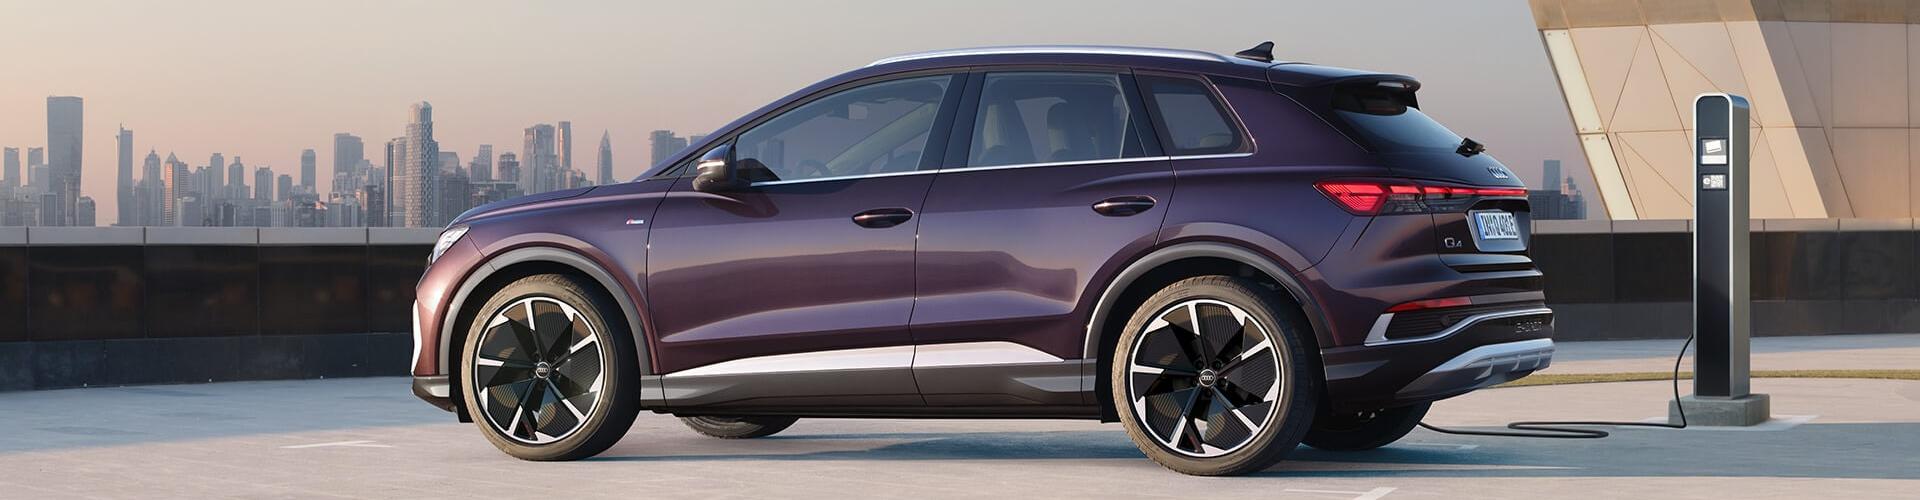 https://www.audi-laval.fr/wp-content/uploads/2021/05/Audi-Q4-e-tron-Audi-Laval.png